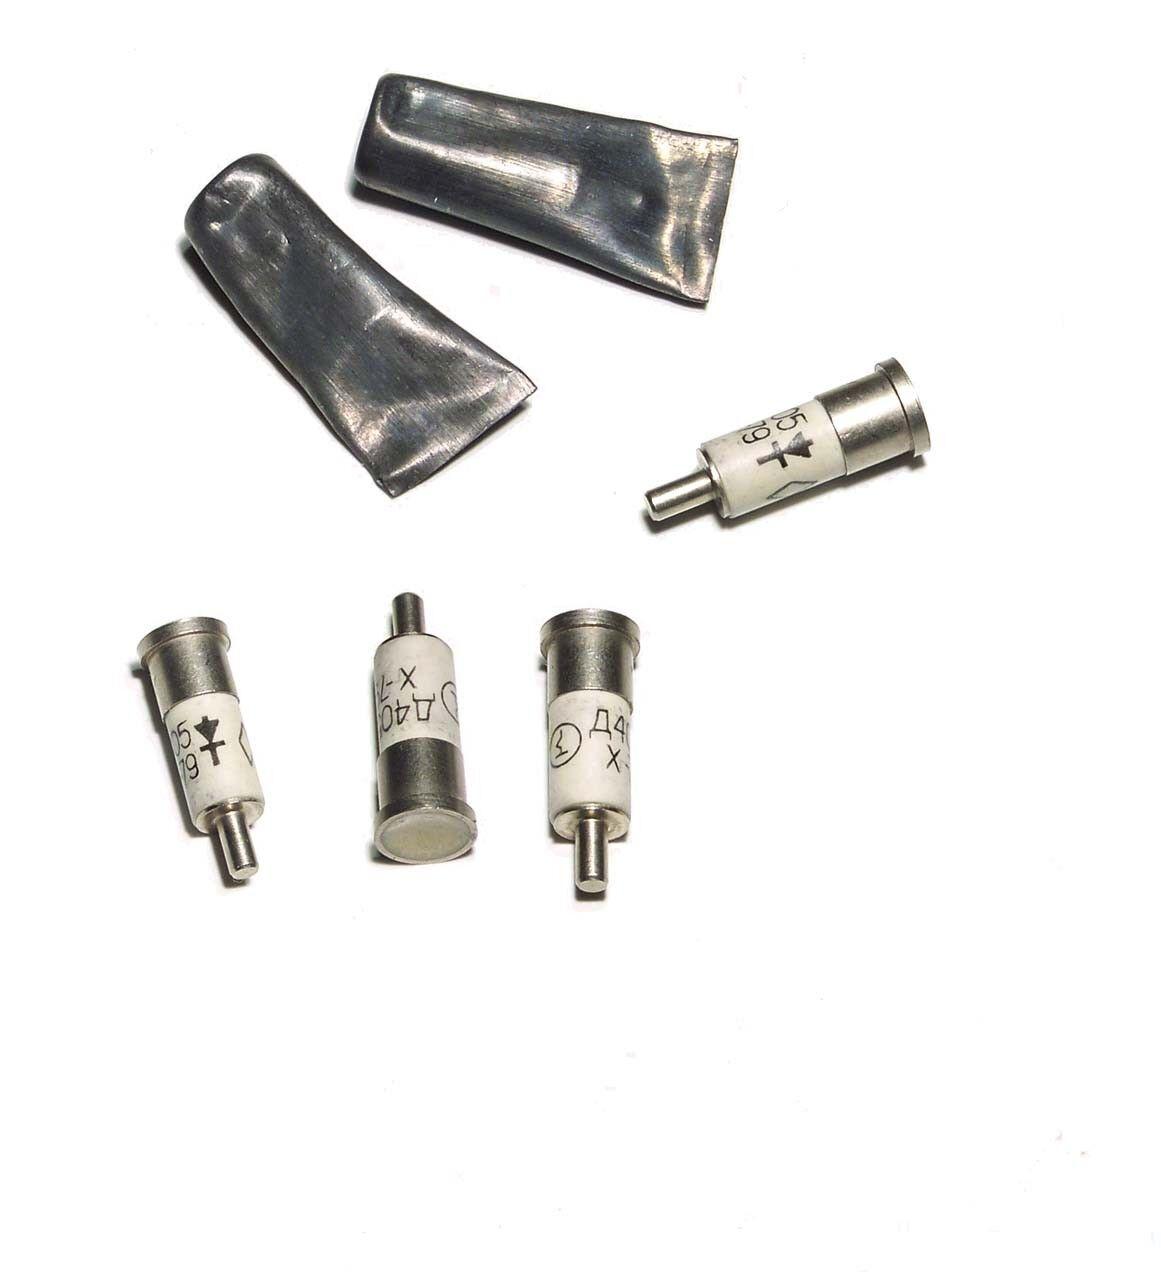 Cilindro con émbolo-MWM KD 110.5 Z//d//v//s-nuevo-KS-Fendt Farmer 2d 90 mm.